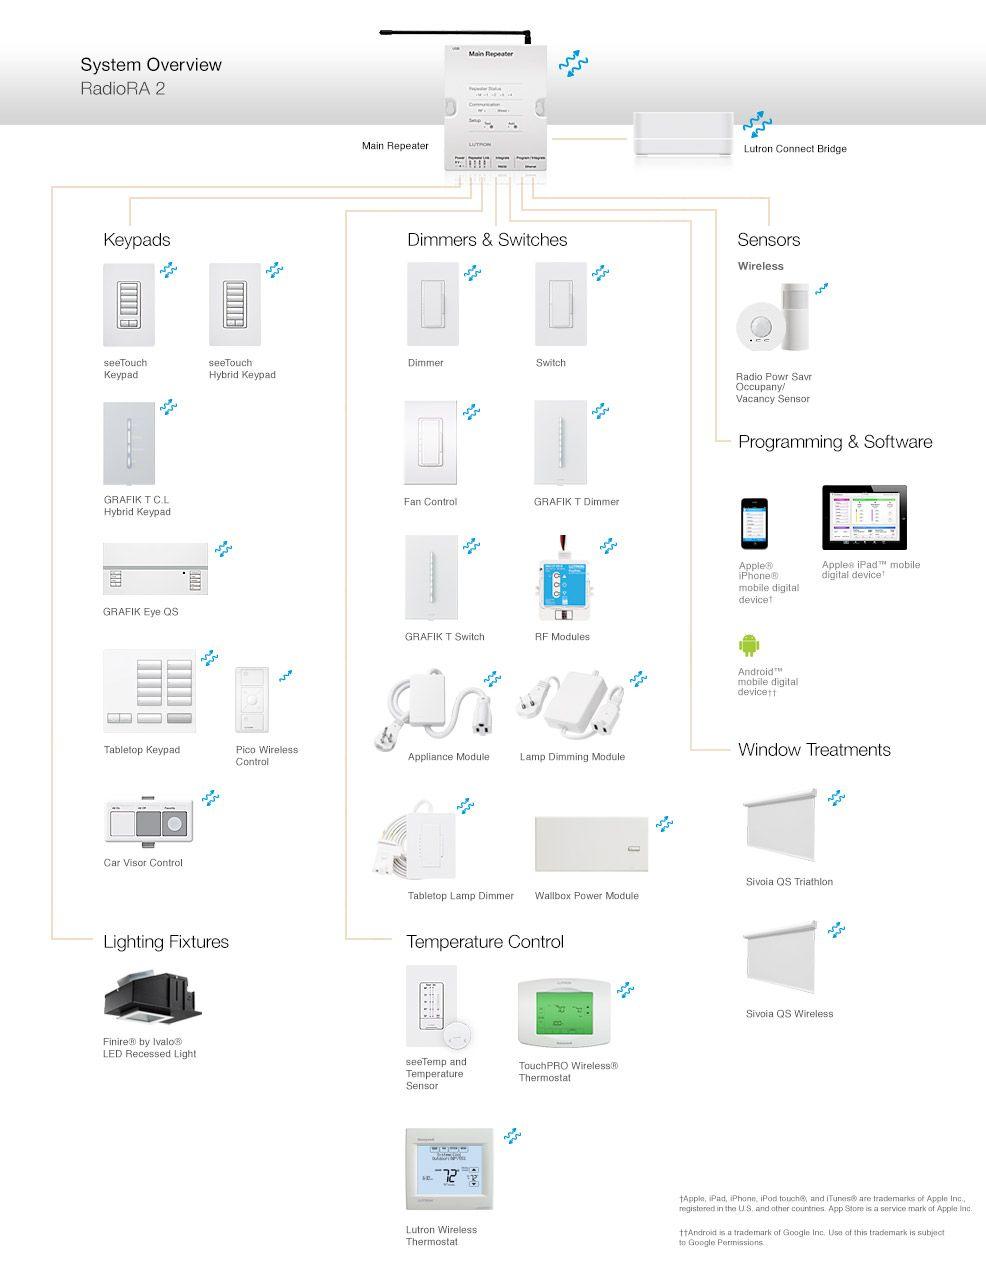 Lutron    Caseta    Wireless    Wiring       Diagram    Without Neutral